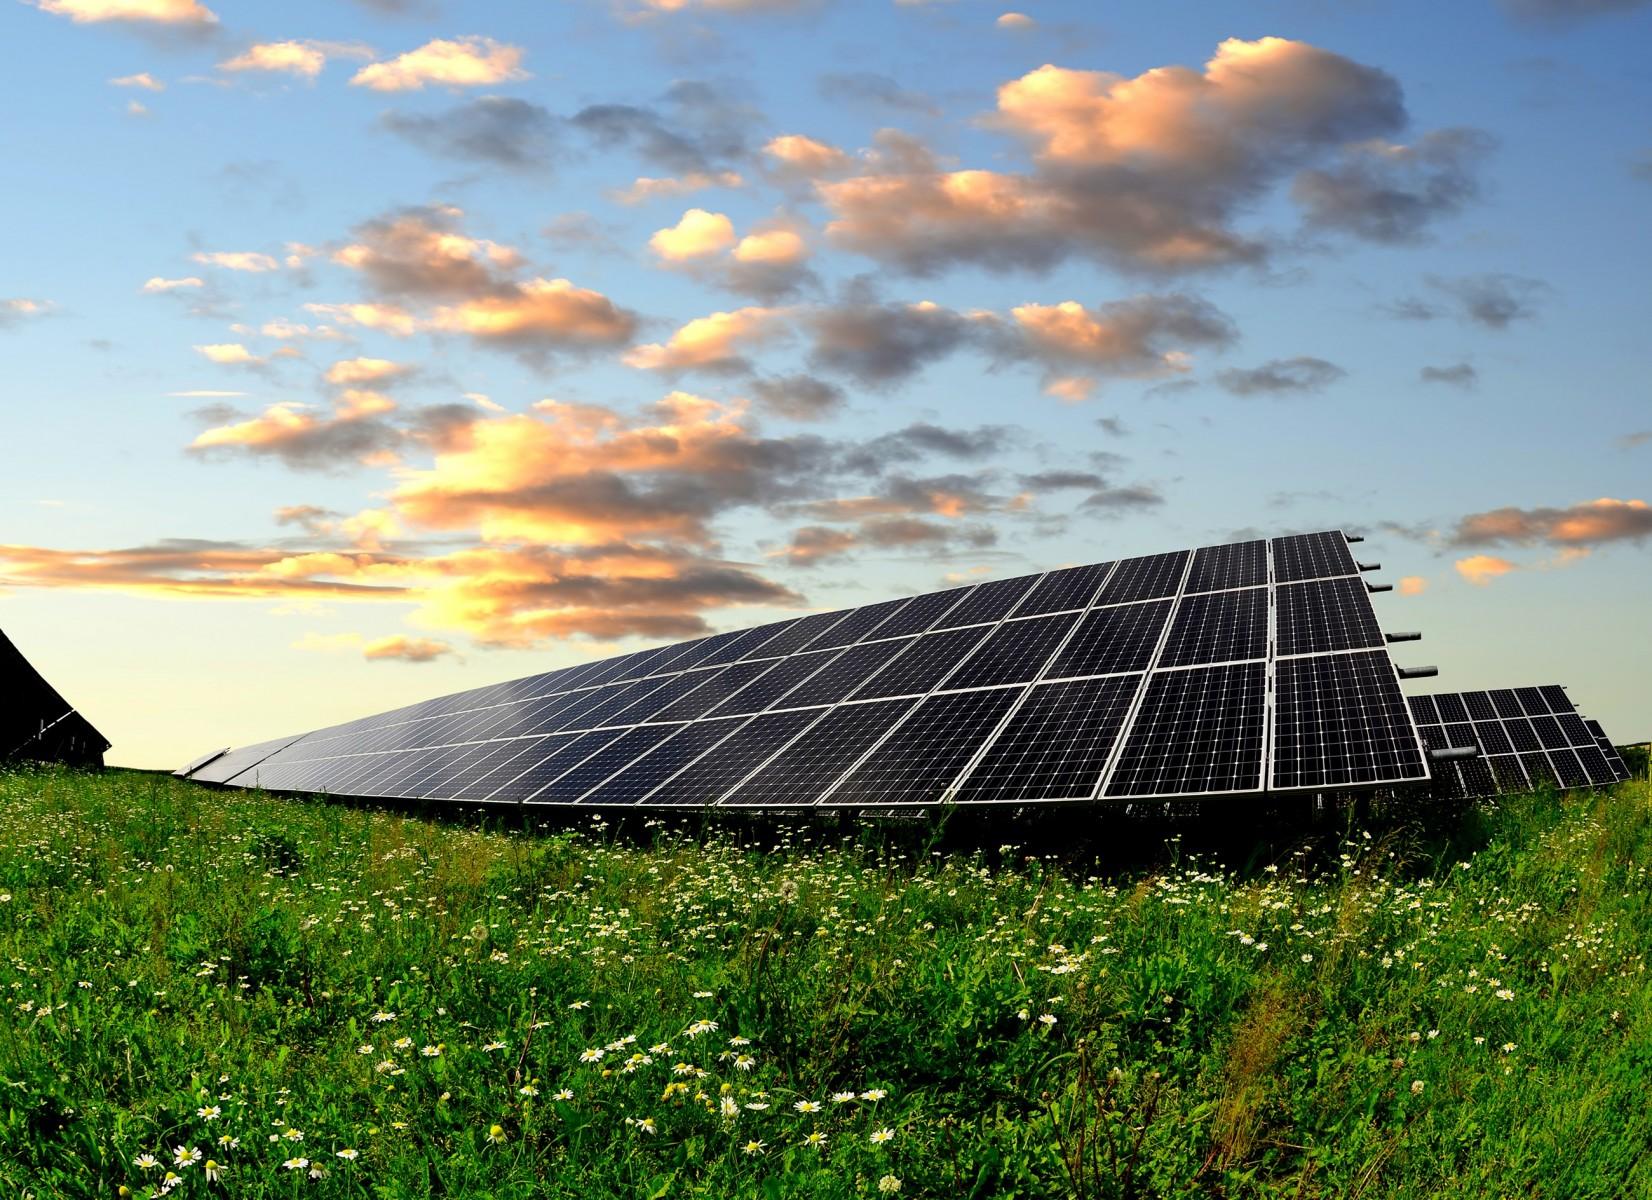 Silicon solar farm